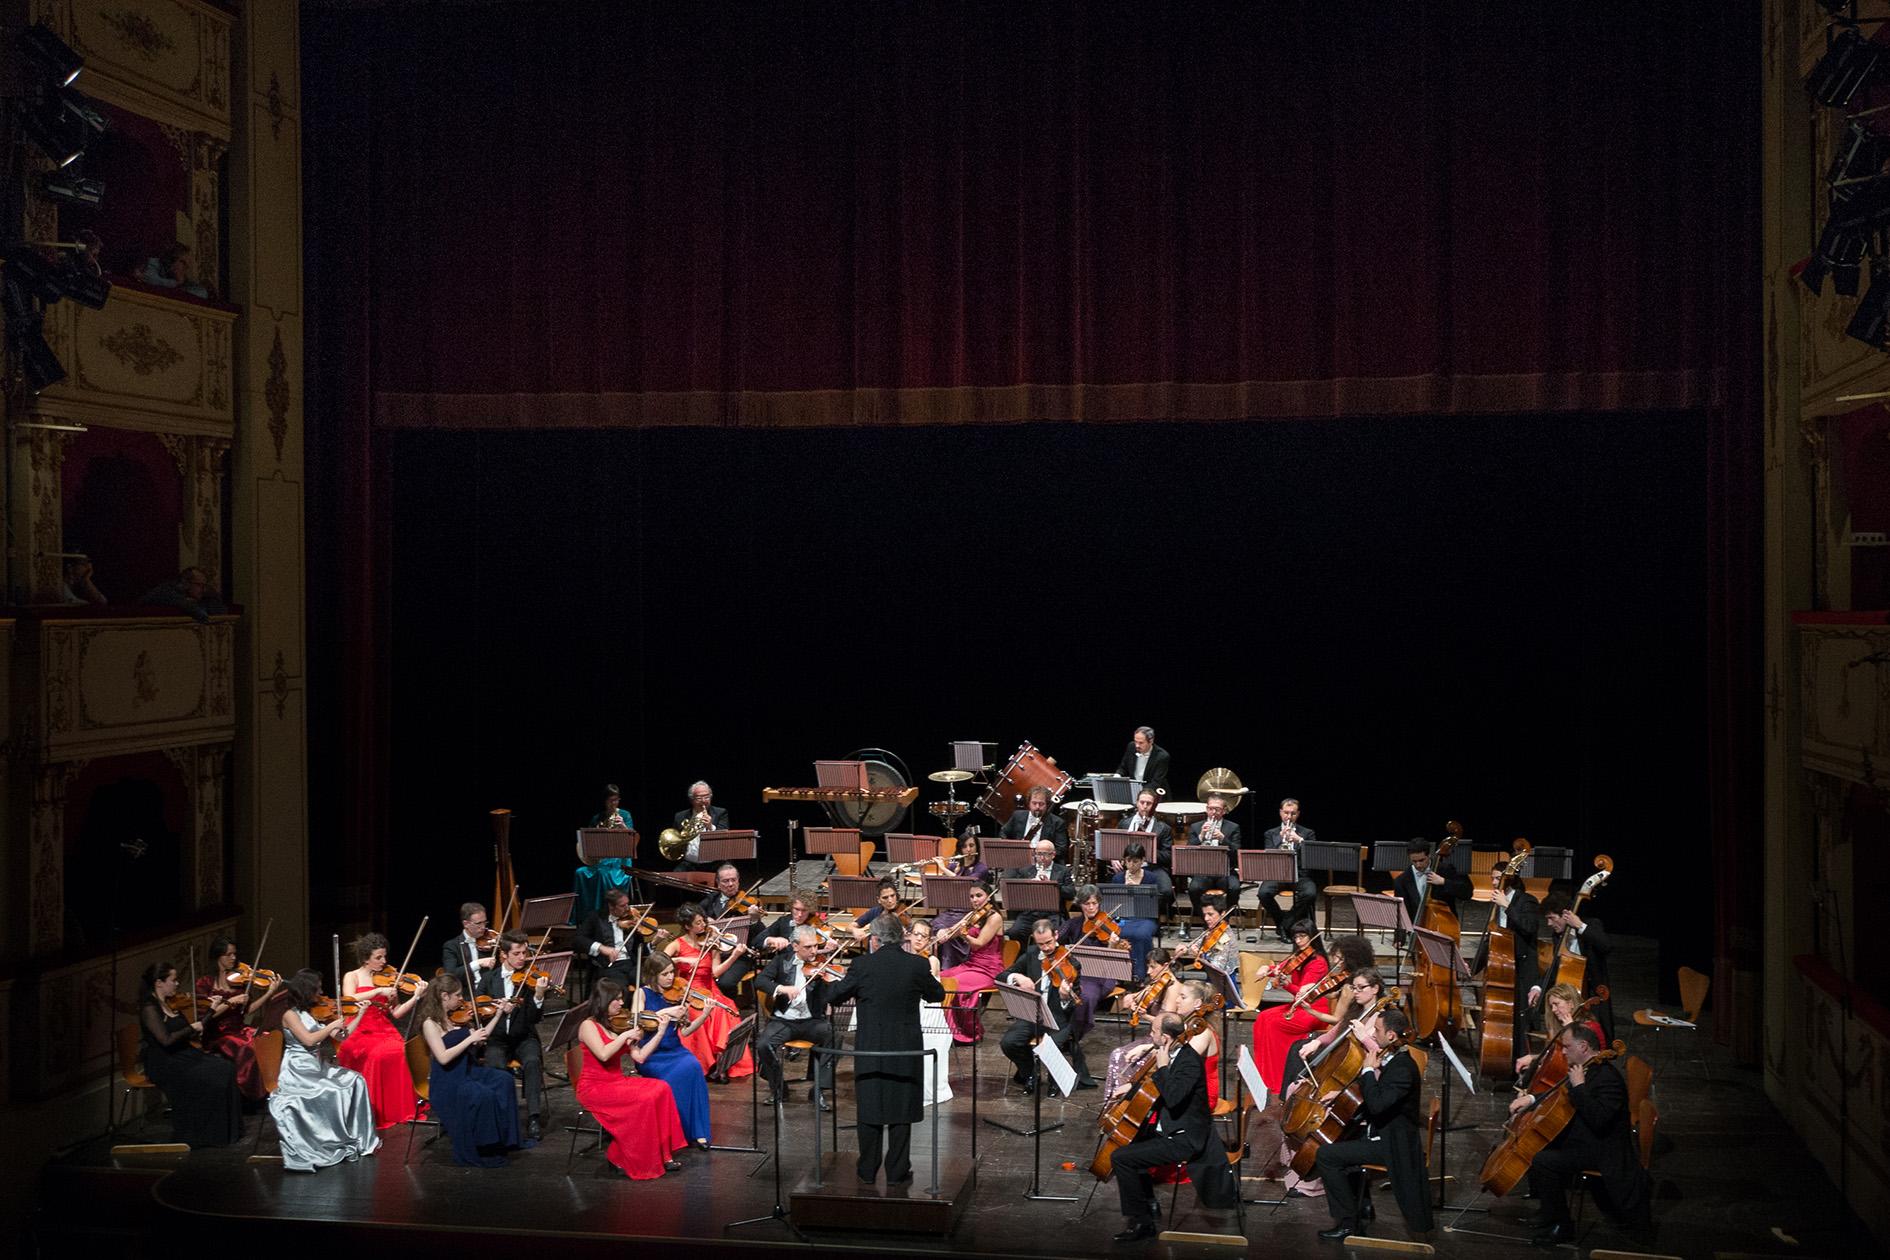 Orchestra_filarmonica_gioachino_rossini